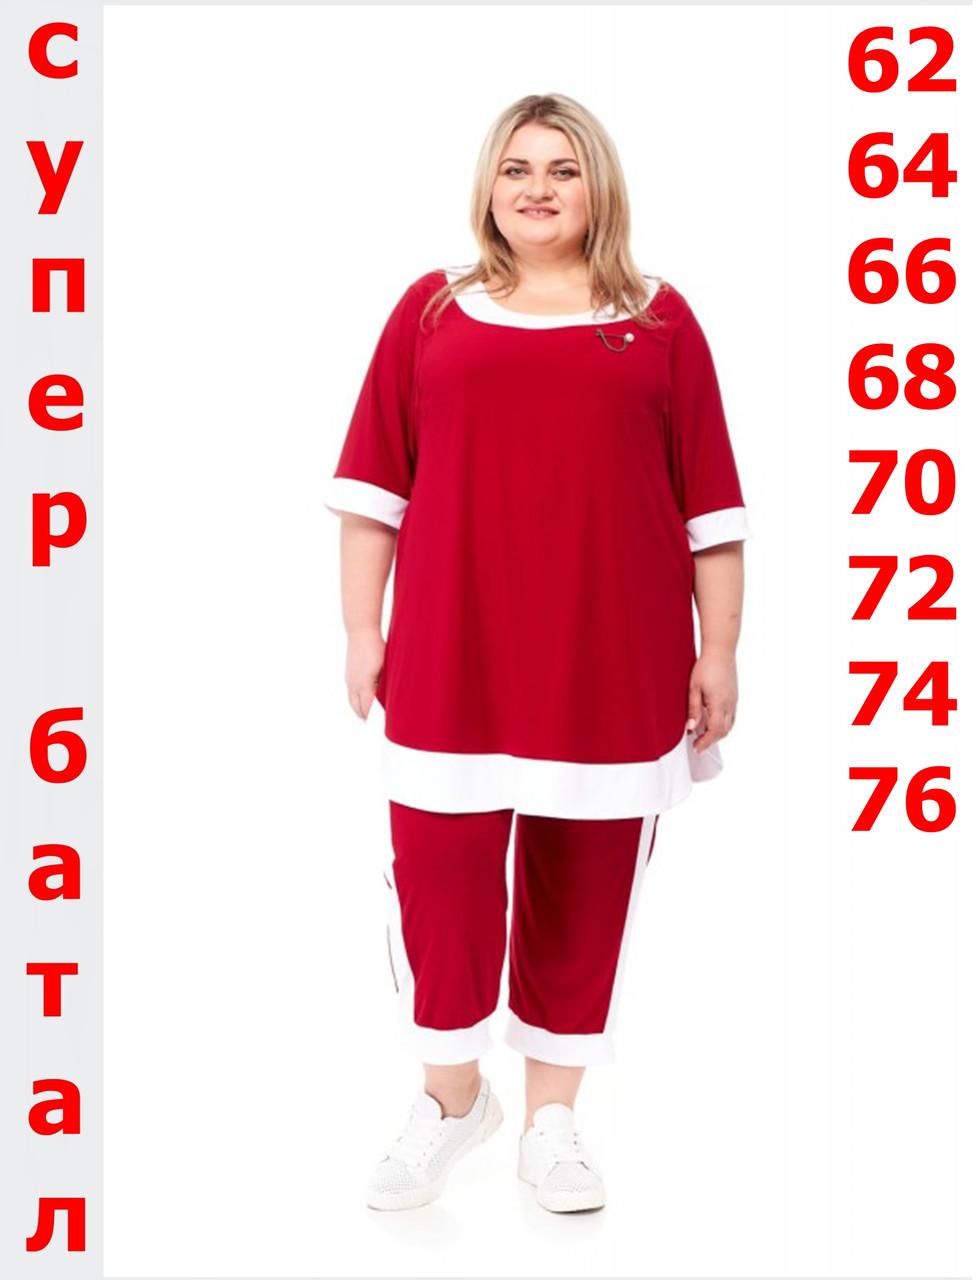 Женский брючный костюм большие размеры от 62 до 76